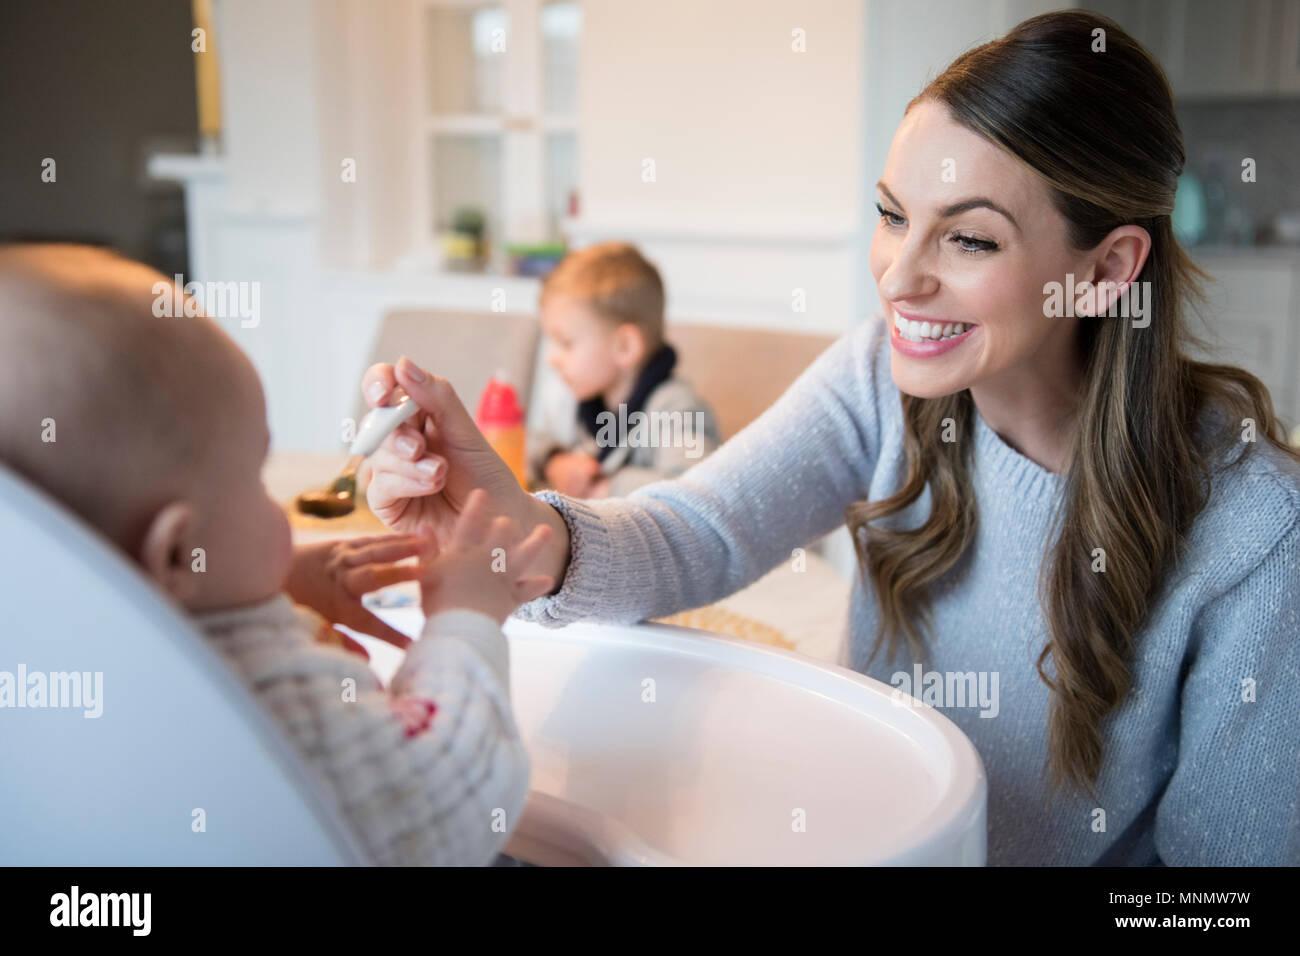 Mutter feeding Baby (18-23 Monate) Stockbild